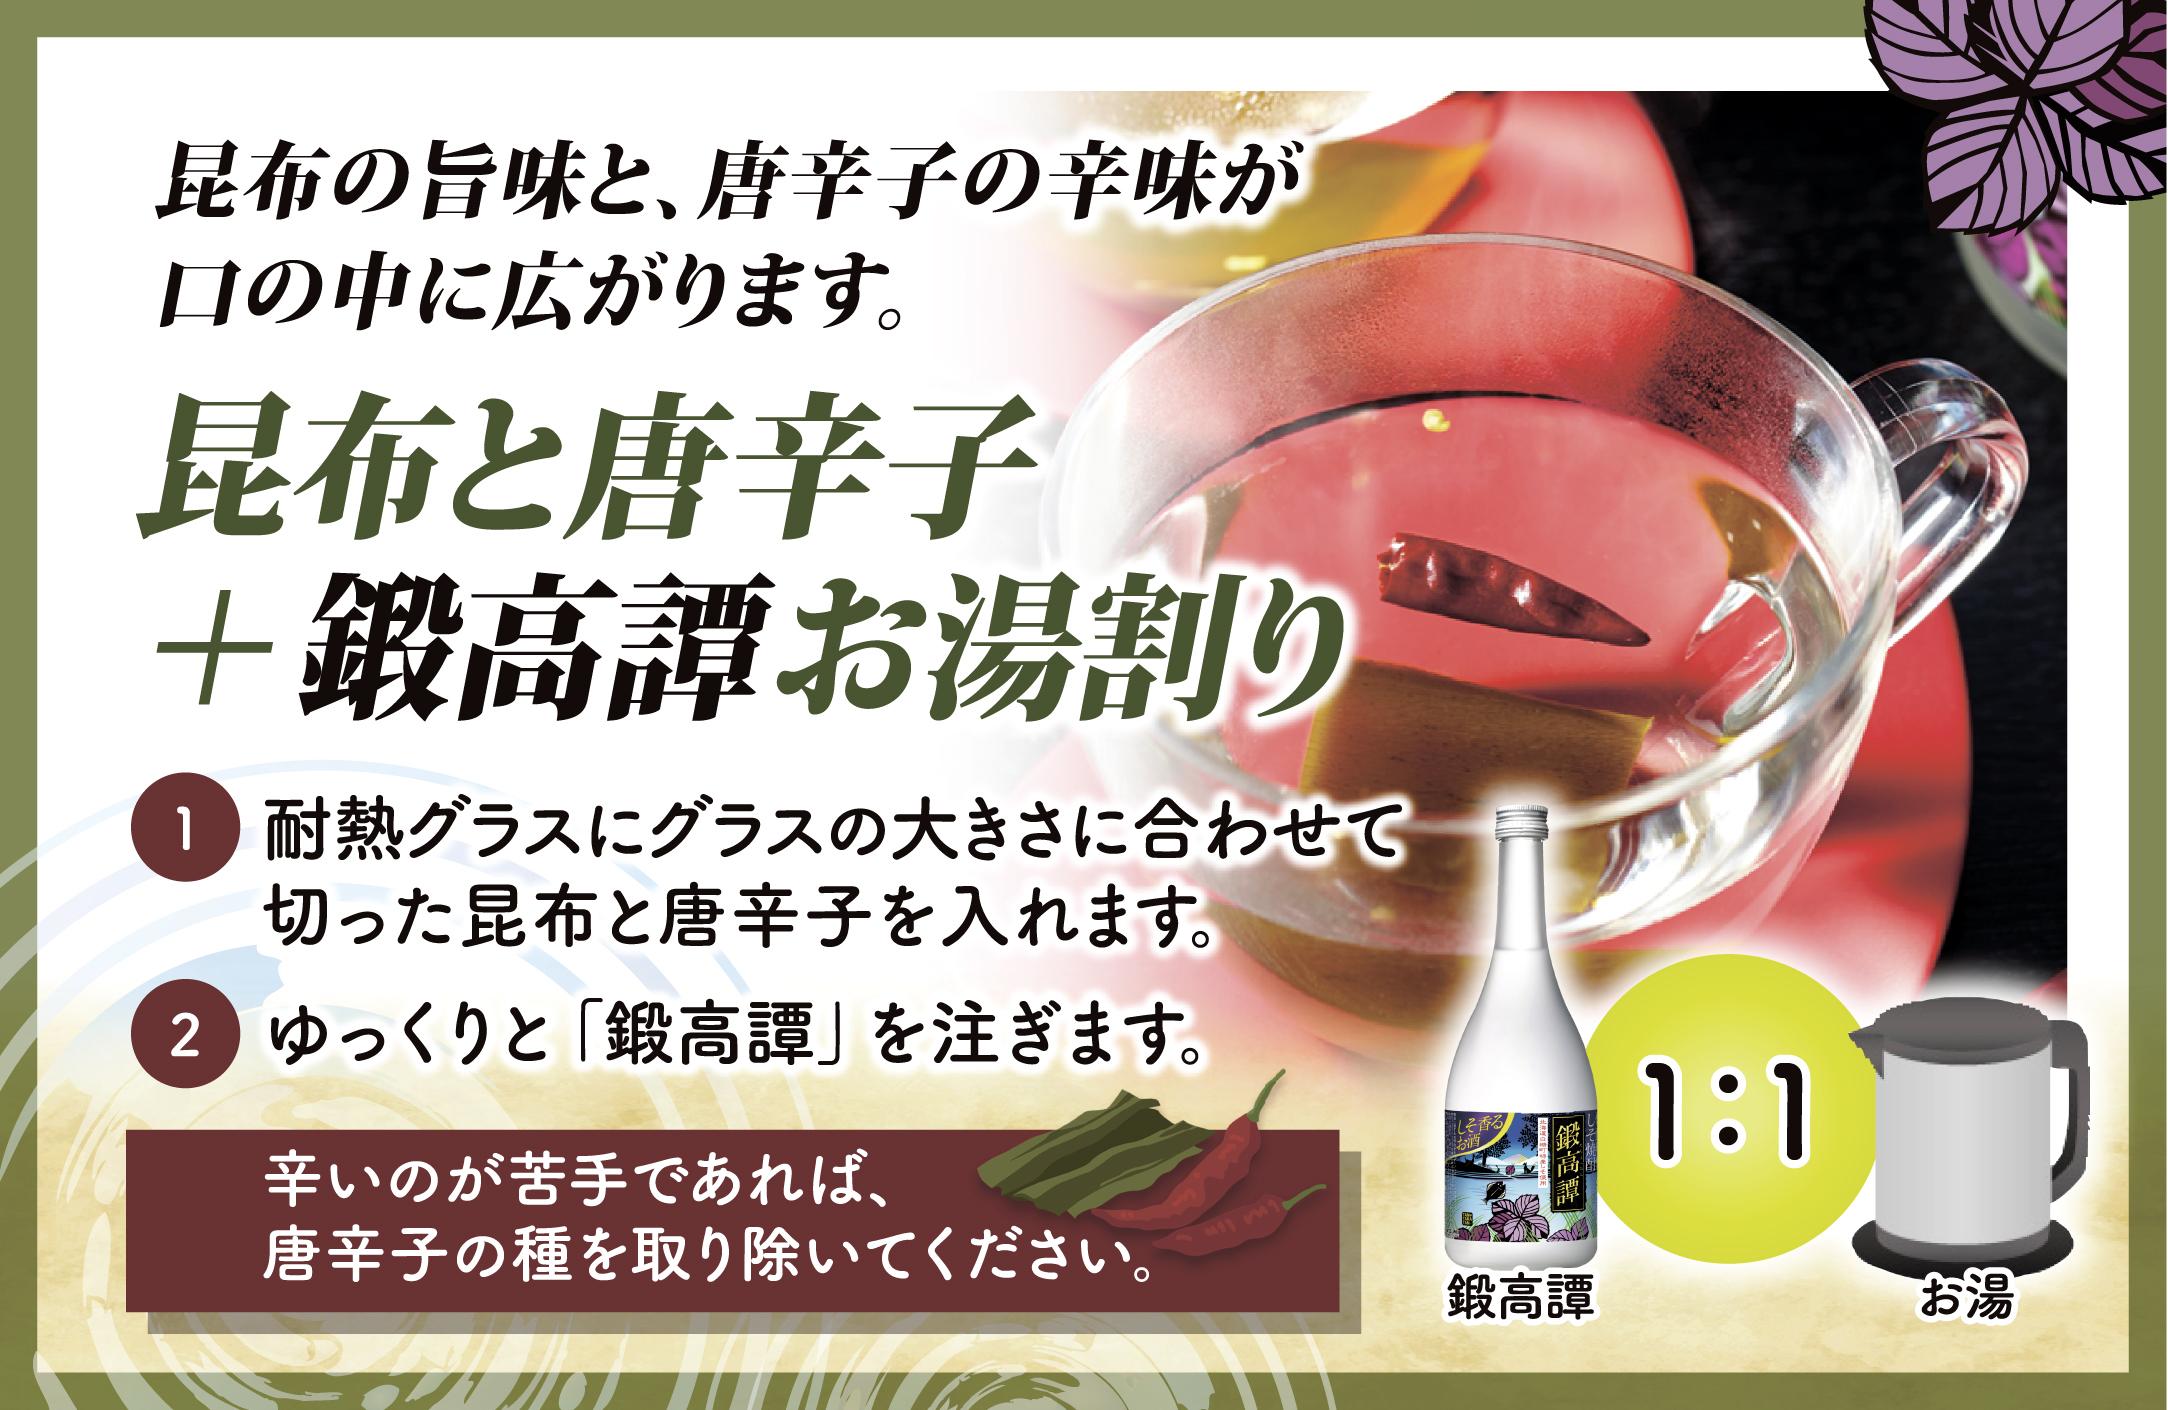 しそ焼酎 鍛高譚2種 飲み比べセット【900ml×2本×2種】